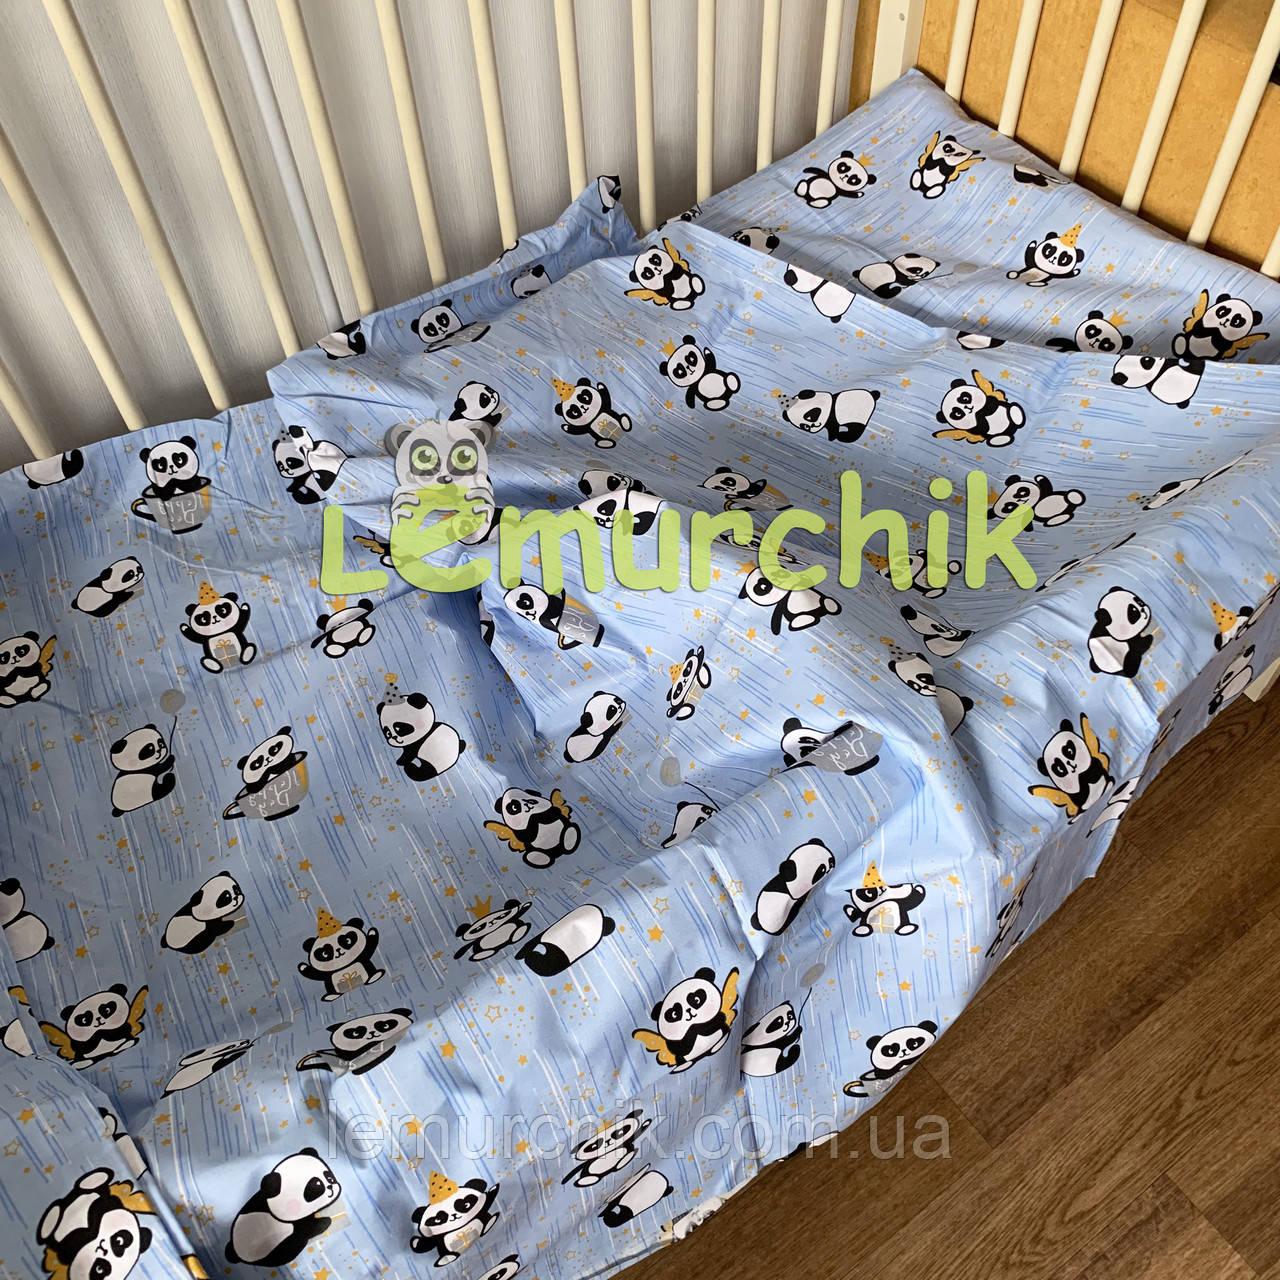 Постельный набор в детскую кроватку (3 предмета) Панды голубой